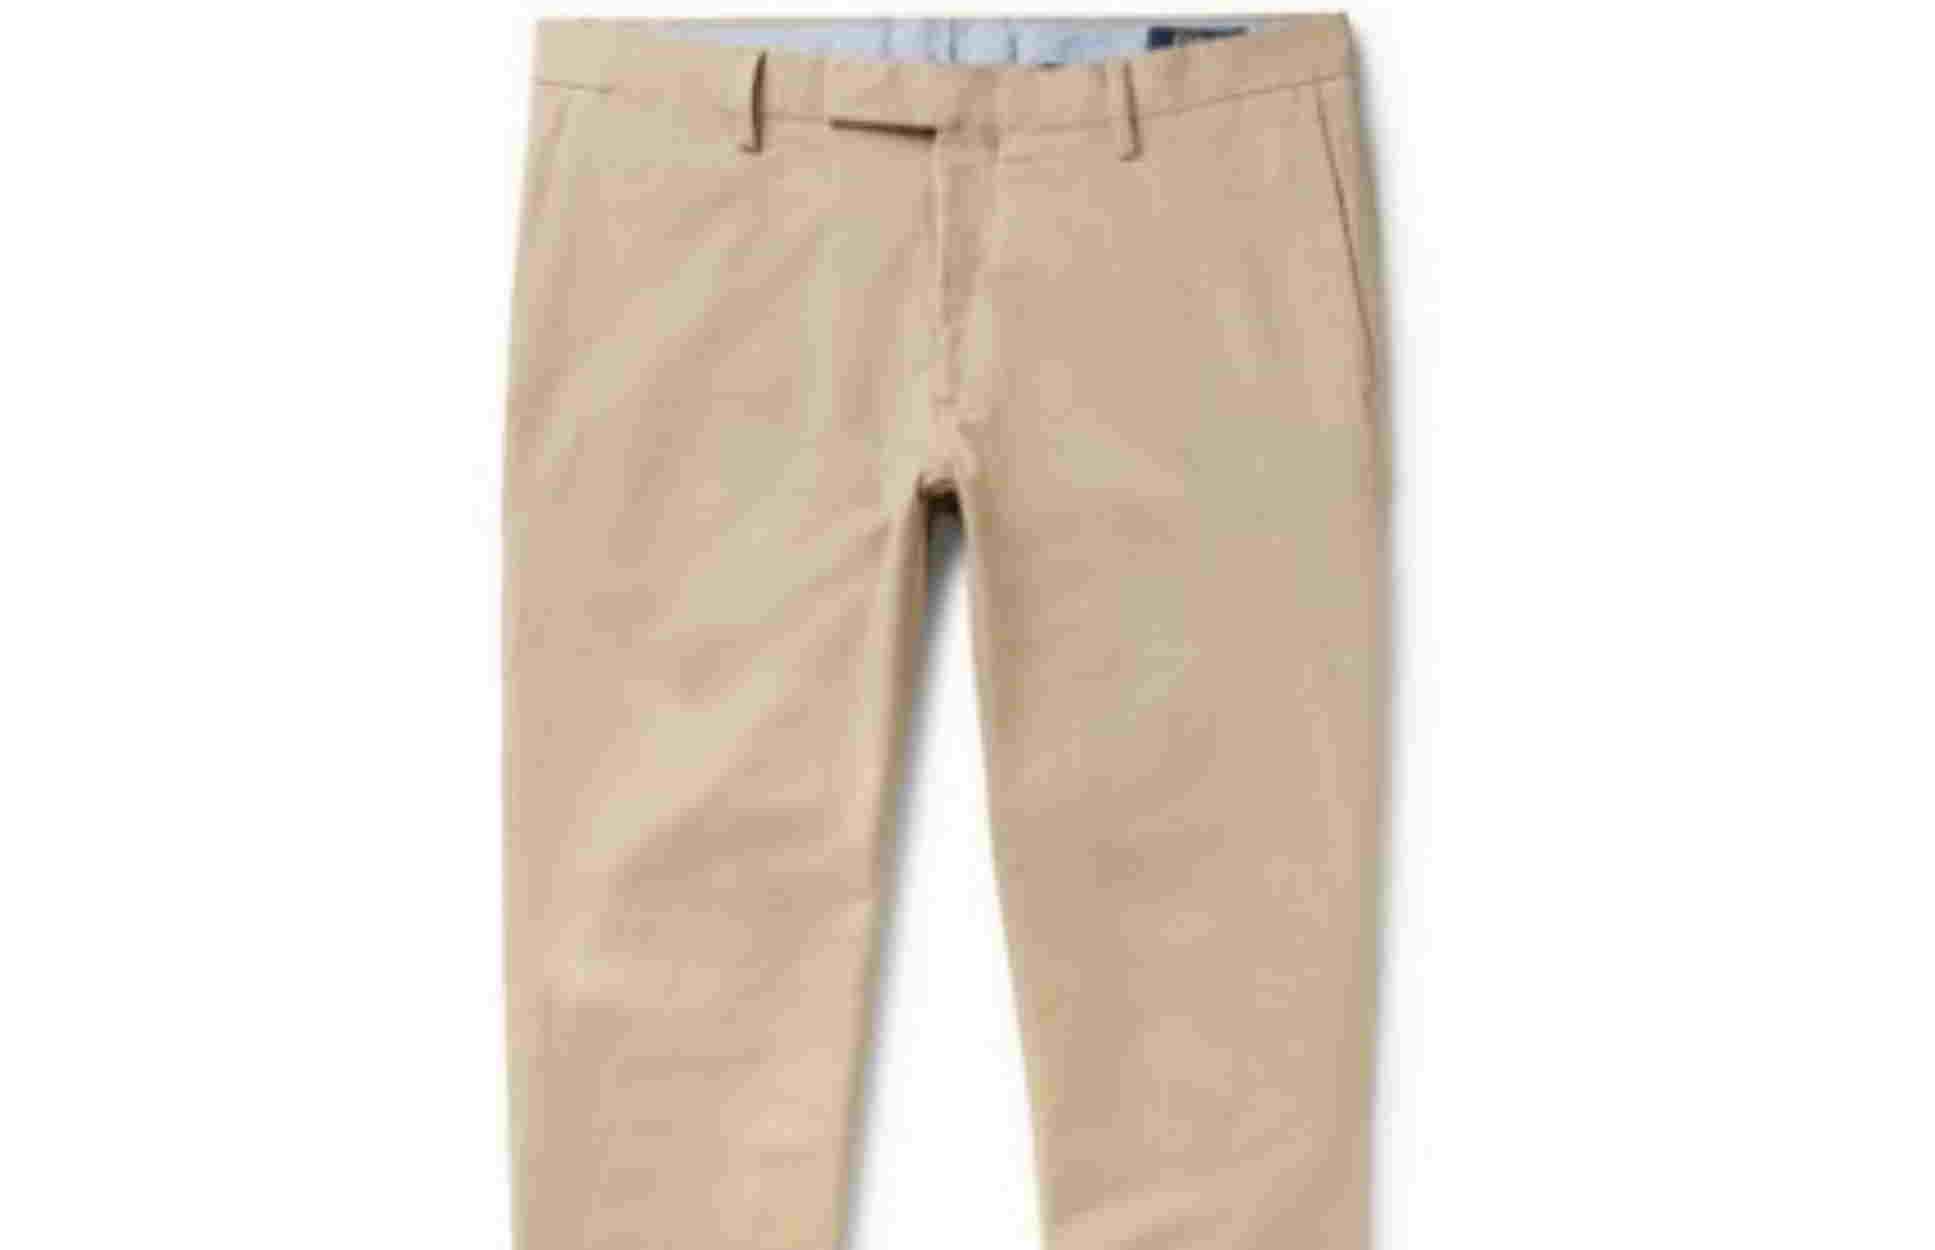 7 στυλ παντελονιών που θα φοράς μέχρι το καλοκαίρι